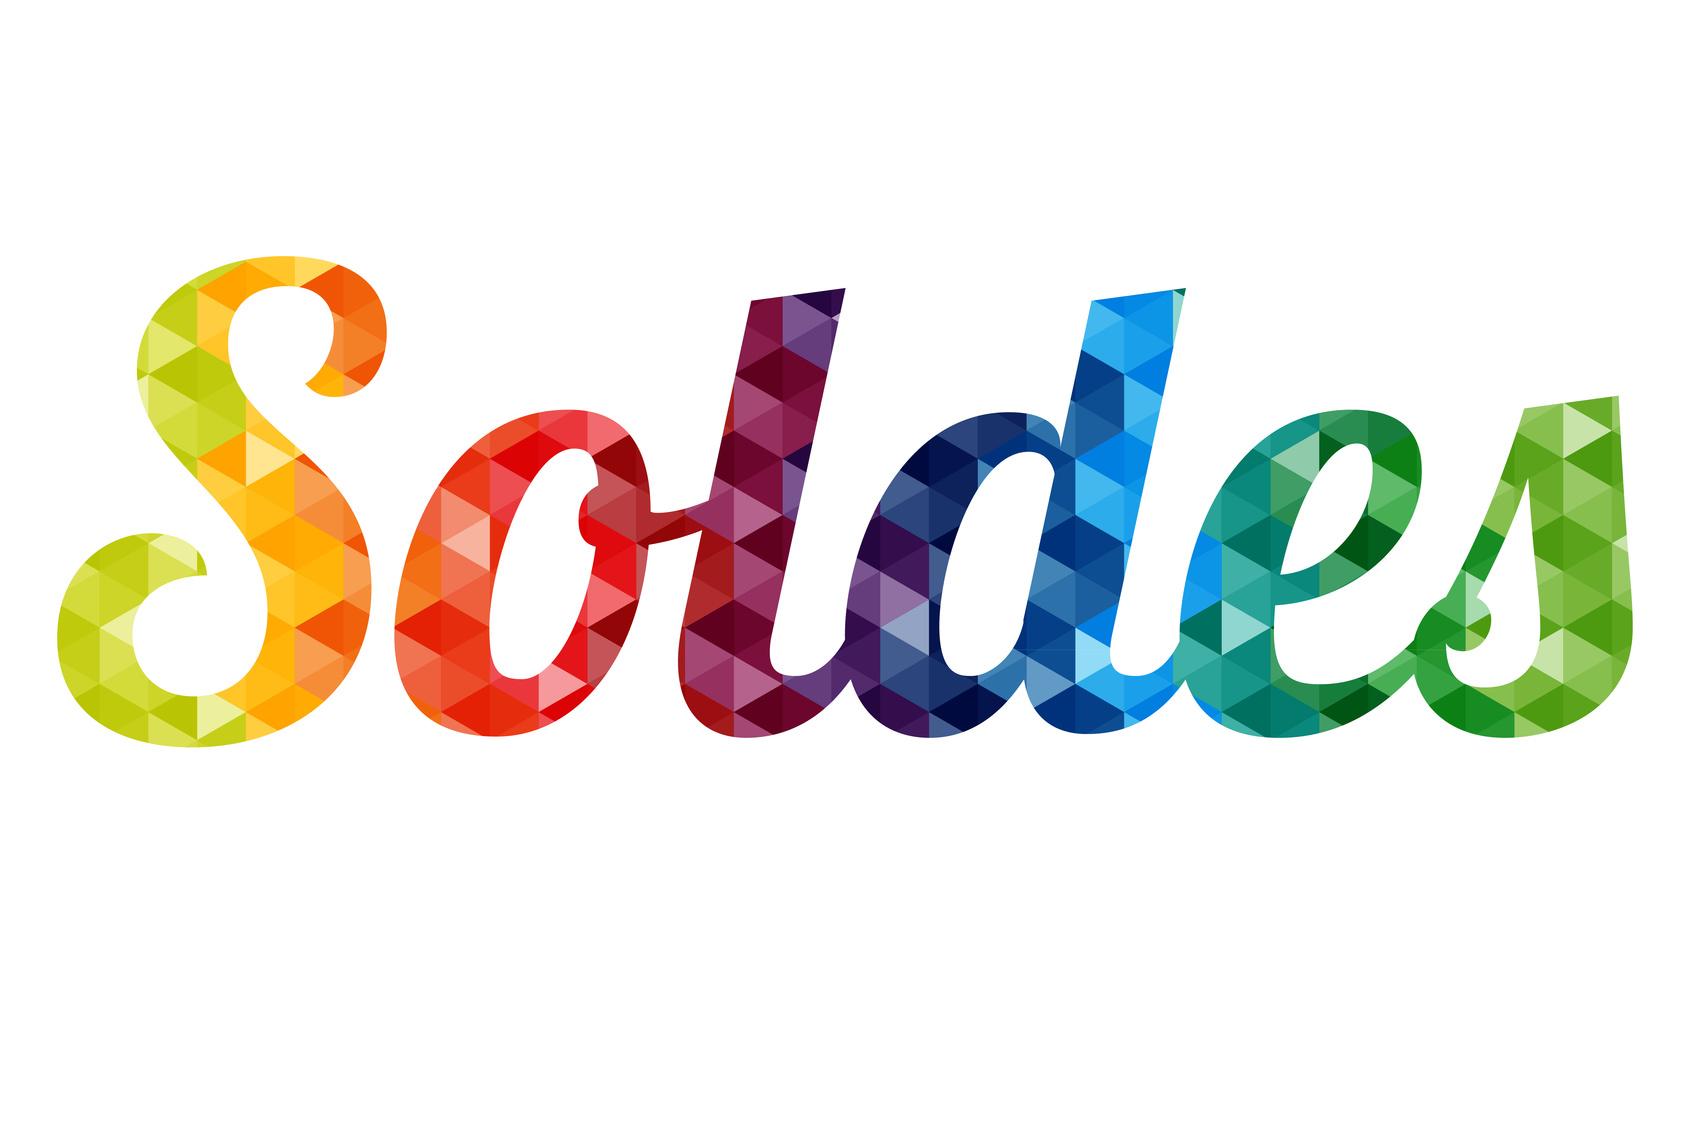 bd65484d18e63 Les soldes XXL dans le monde - Solde.me